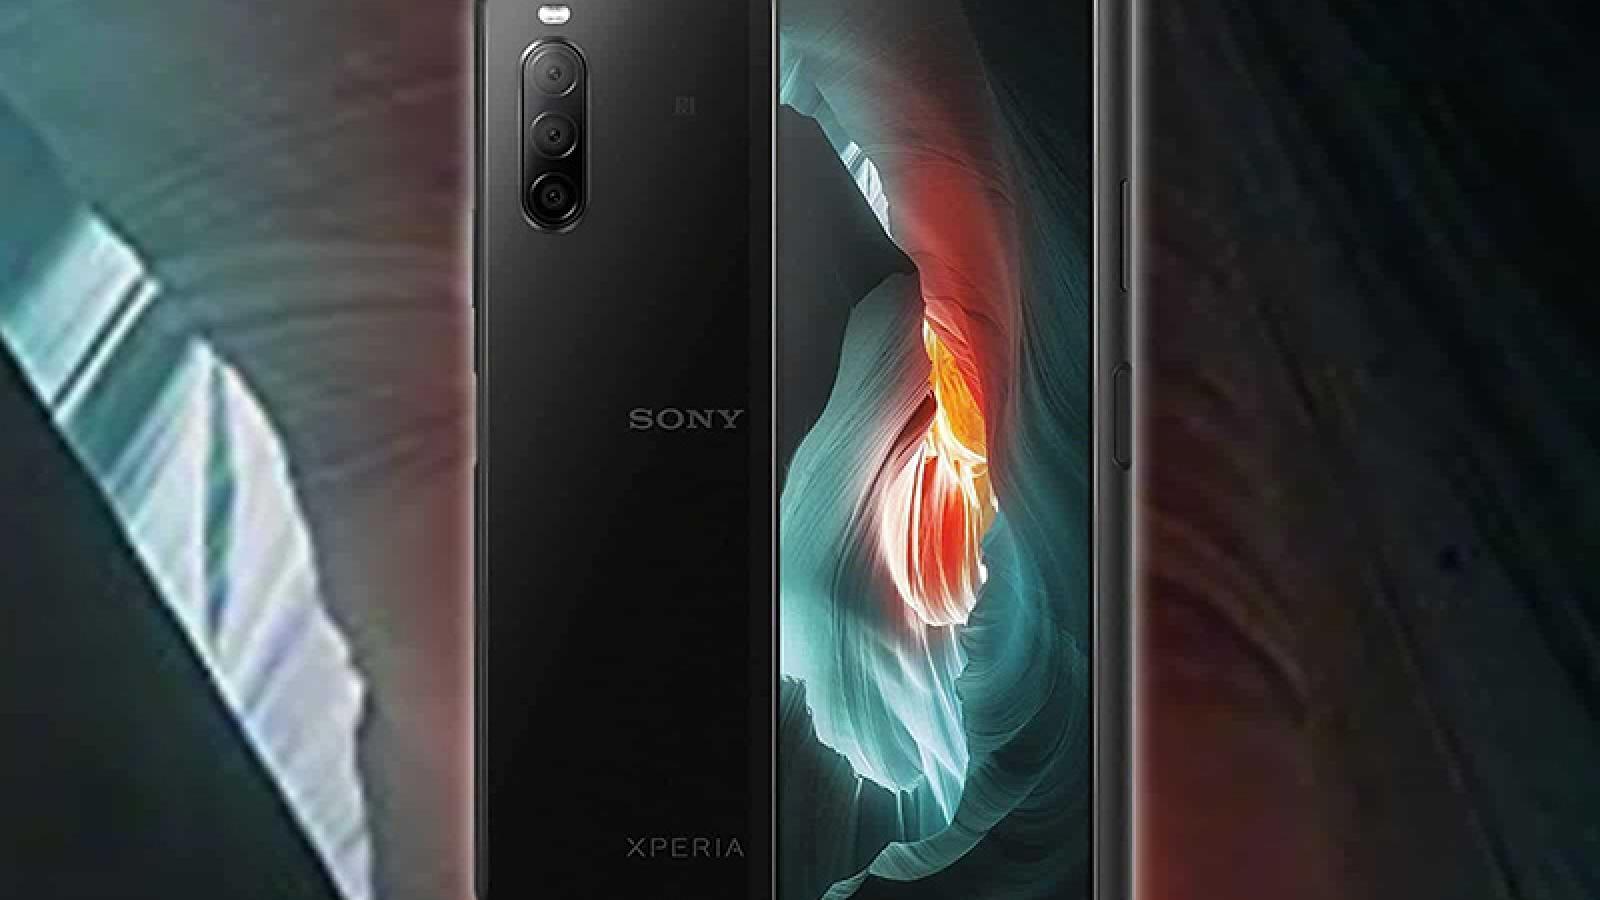 Xperia 10 III - smartphone tầm trung hỗ trợ 5G đầu tiên của Sony